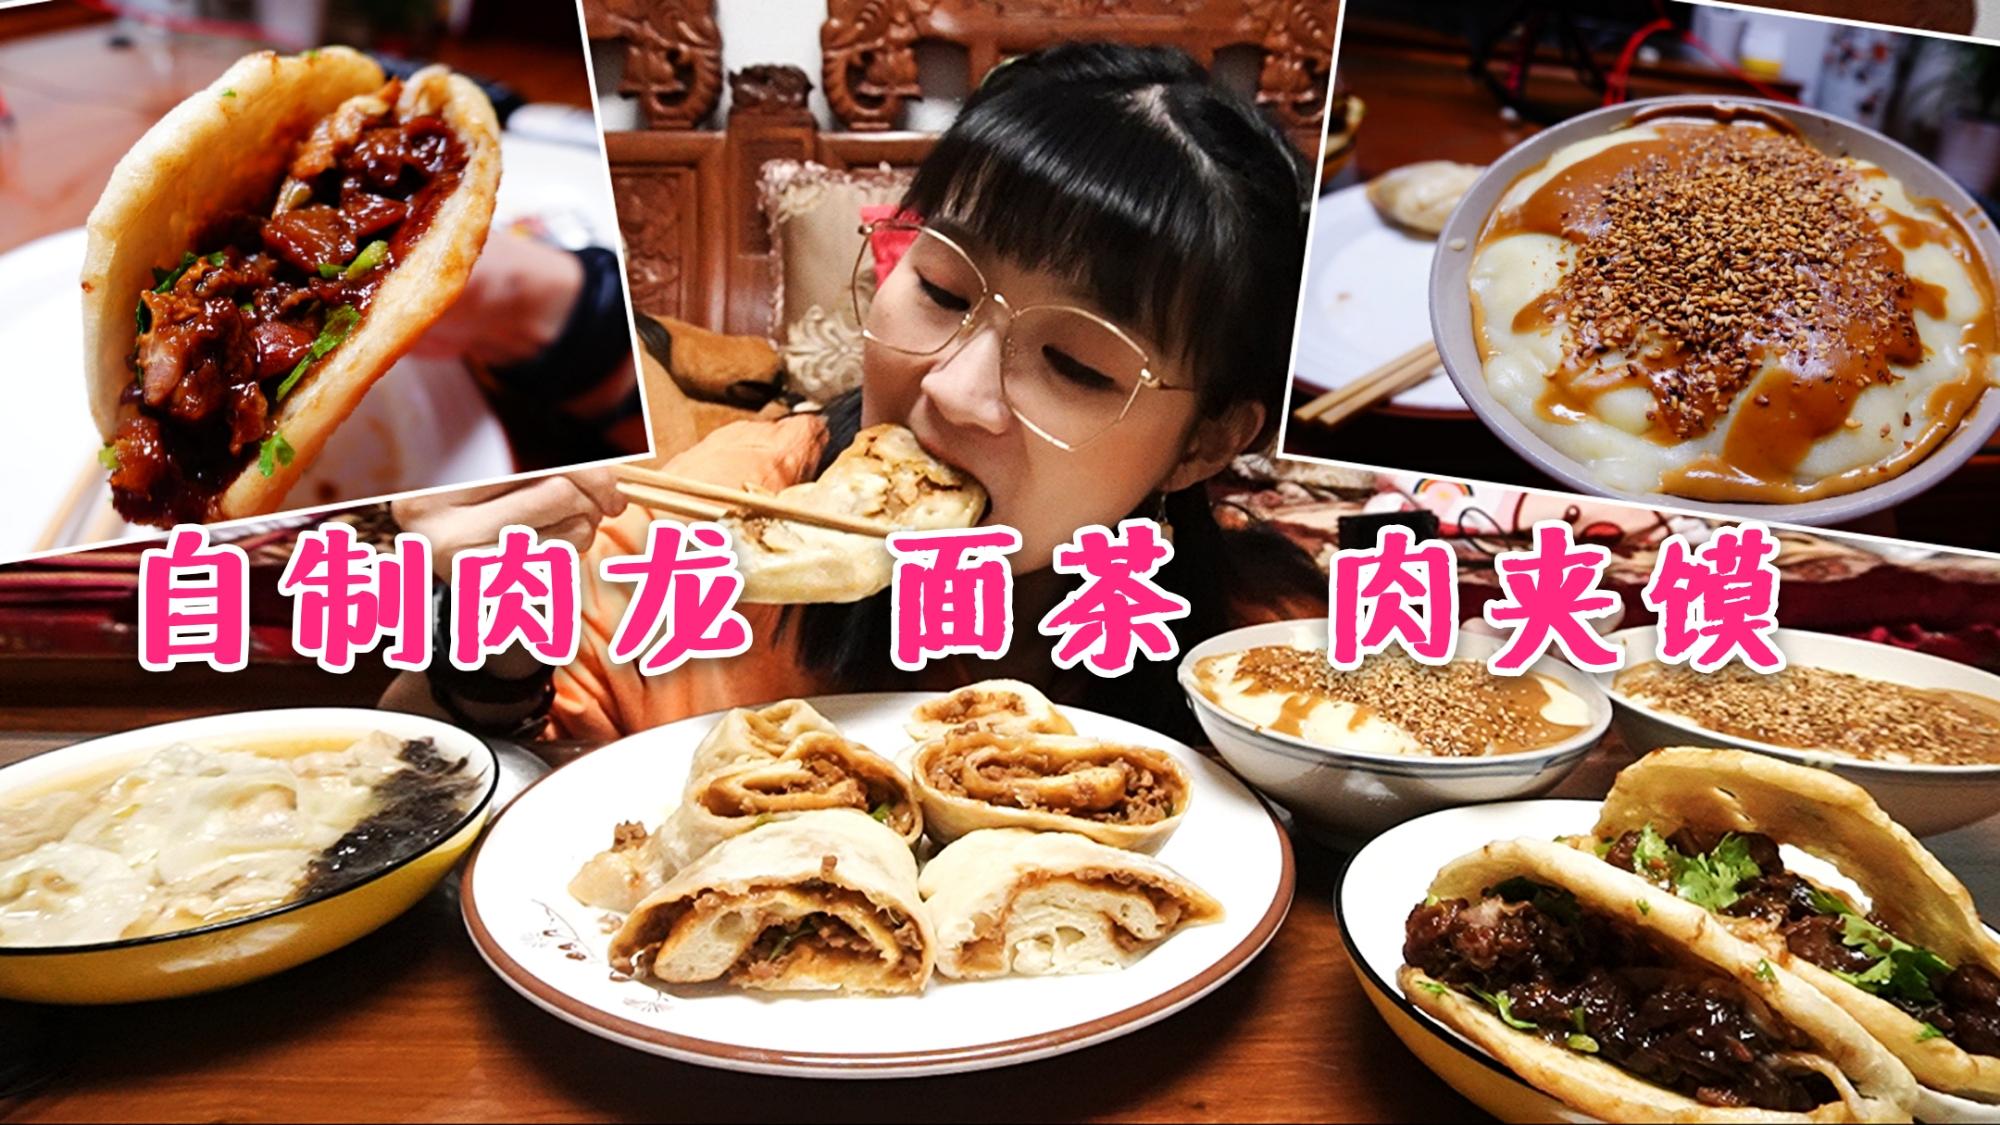 【小猪猪的vlog】宅家自制老北京面茶、肉龙肉夹馍,样子丑可挺香